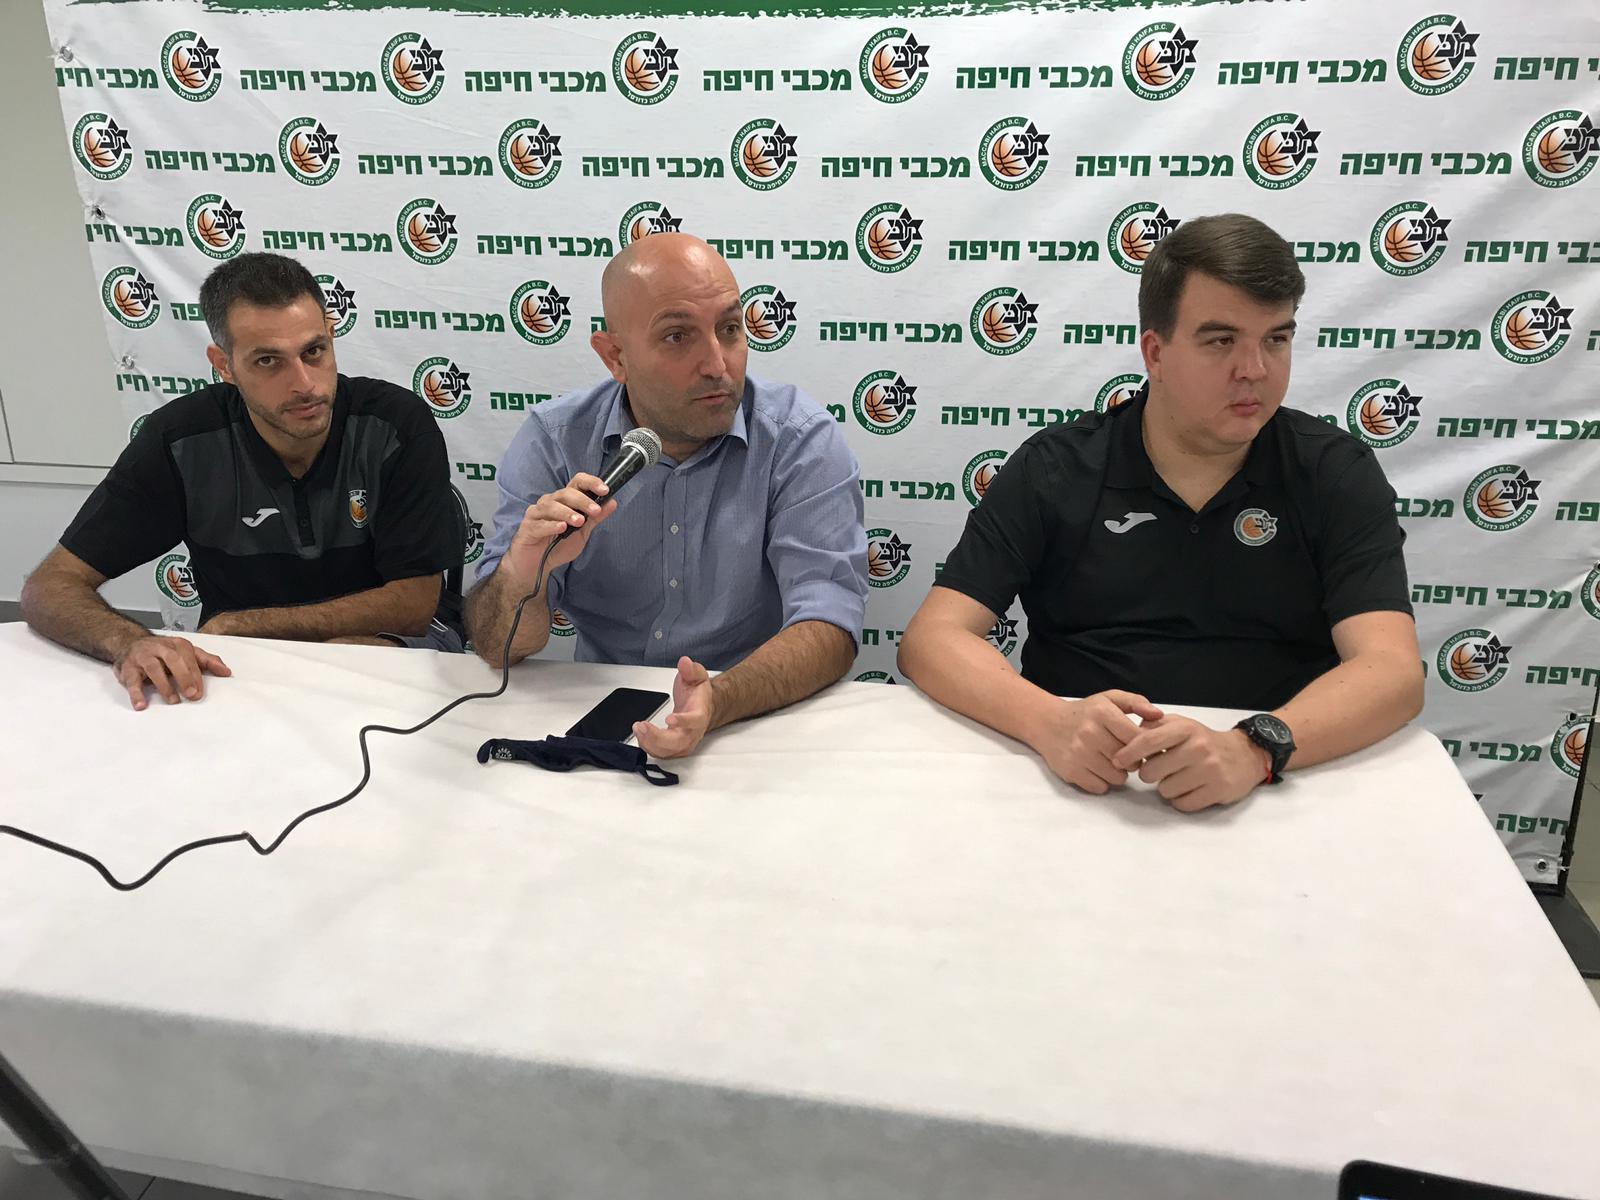 מכבי חיפה ערכה מסיבת עיתונאים בזום לרגל פתיחת עונת 2020-21